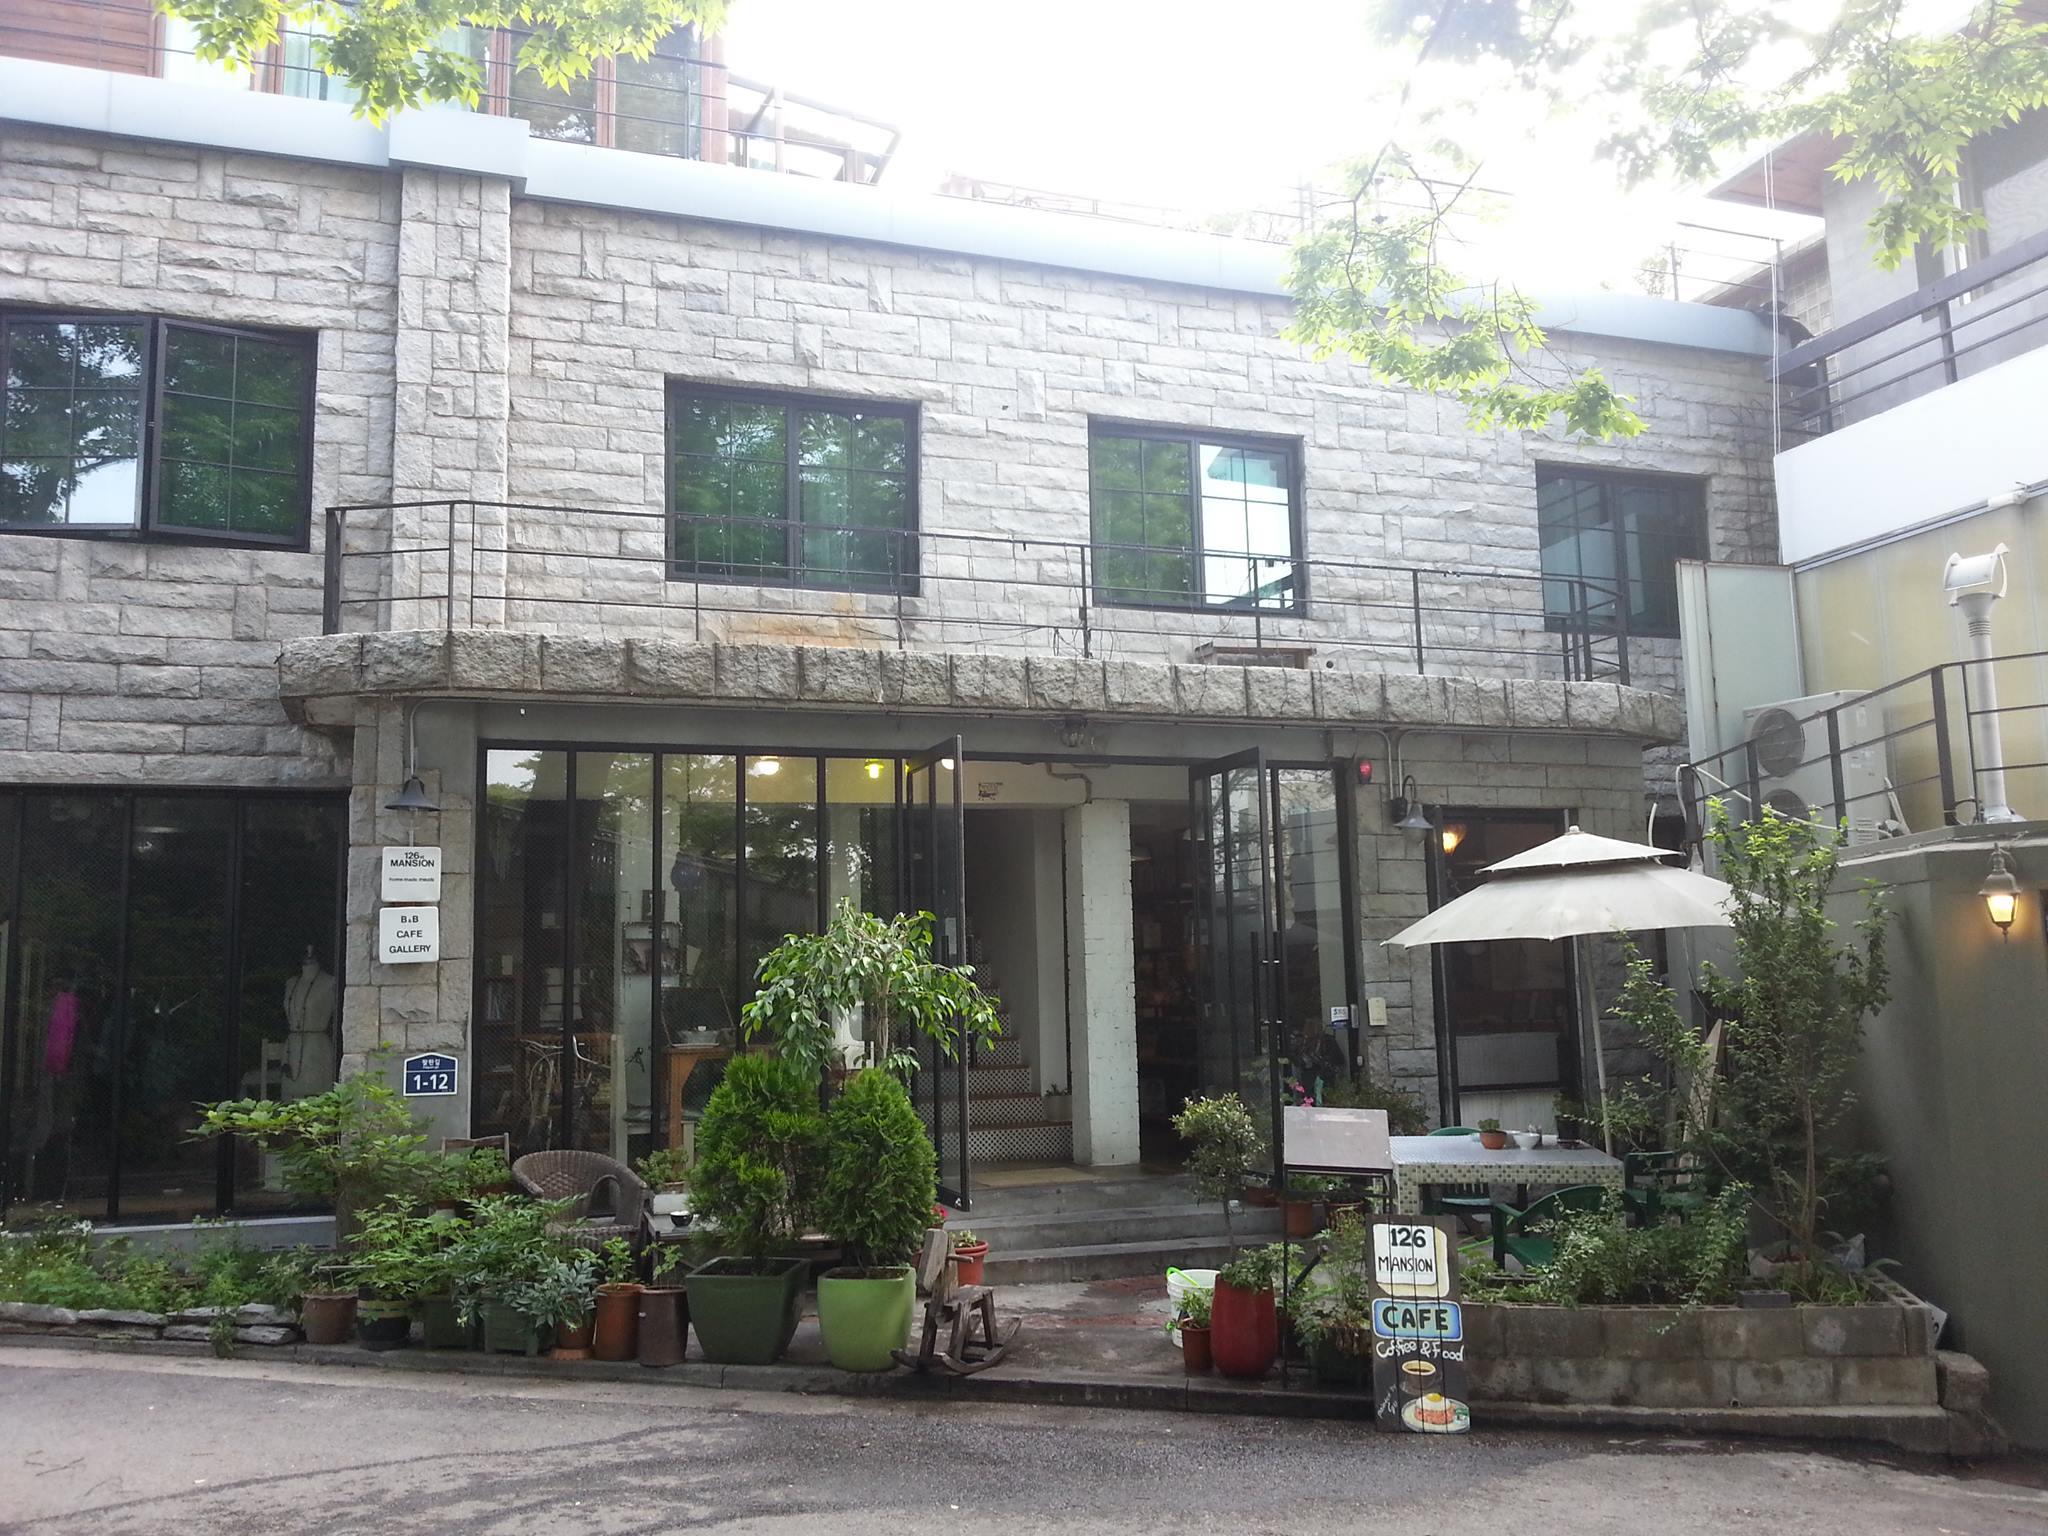 126マンション&カフェ